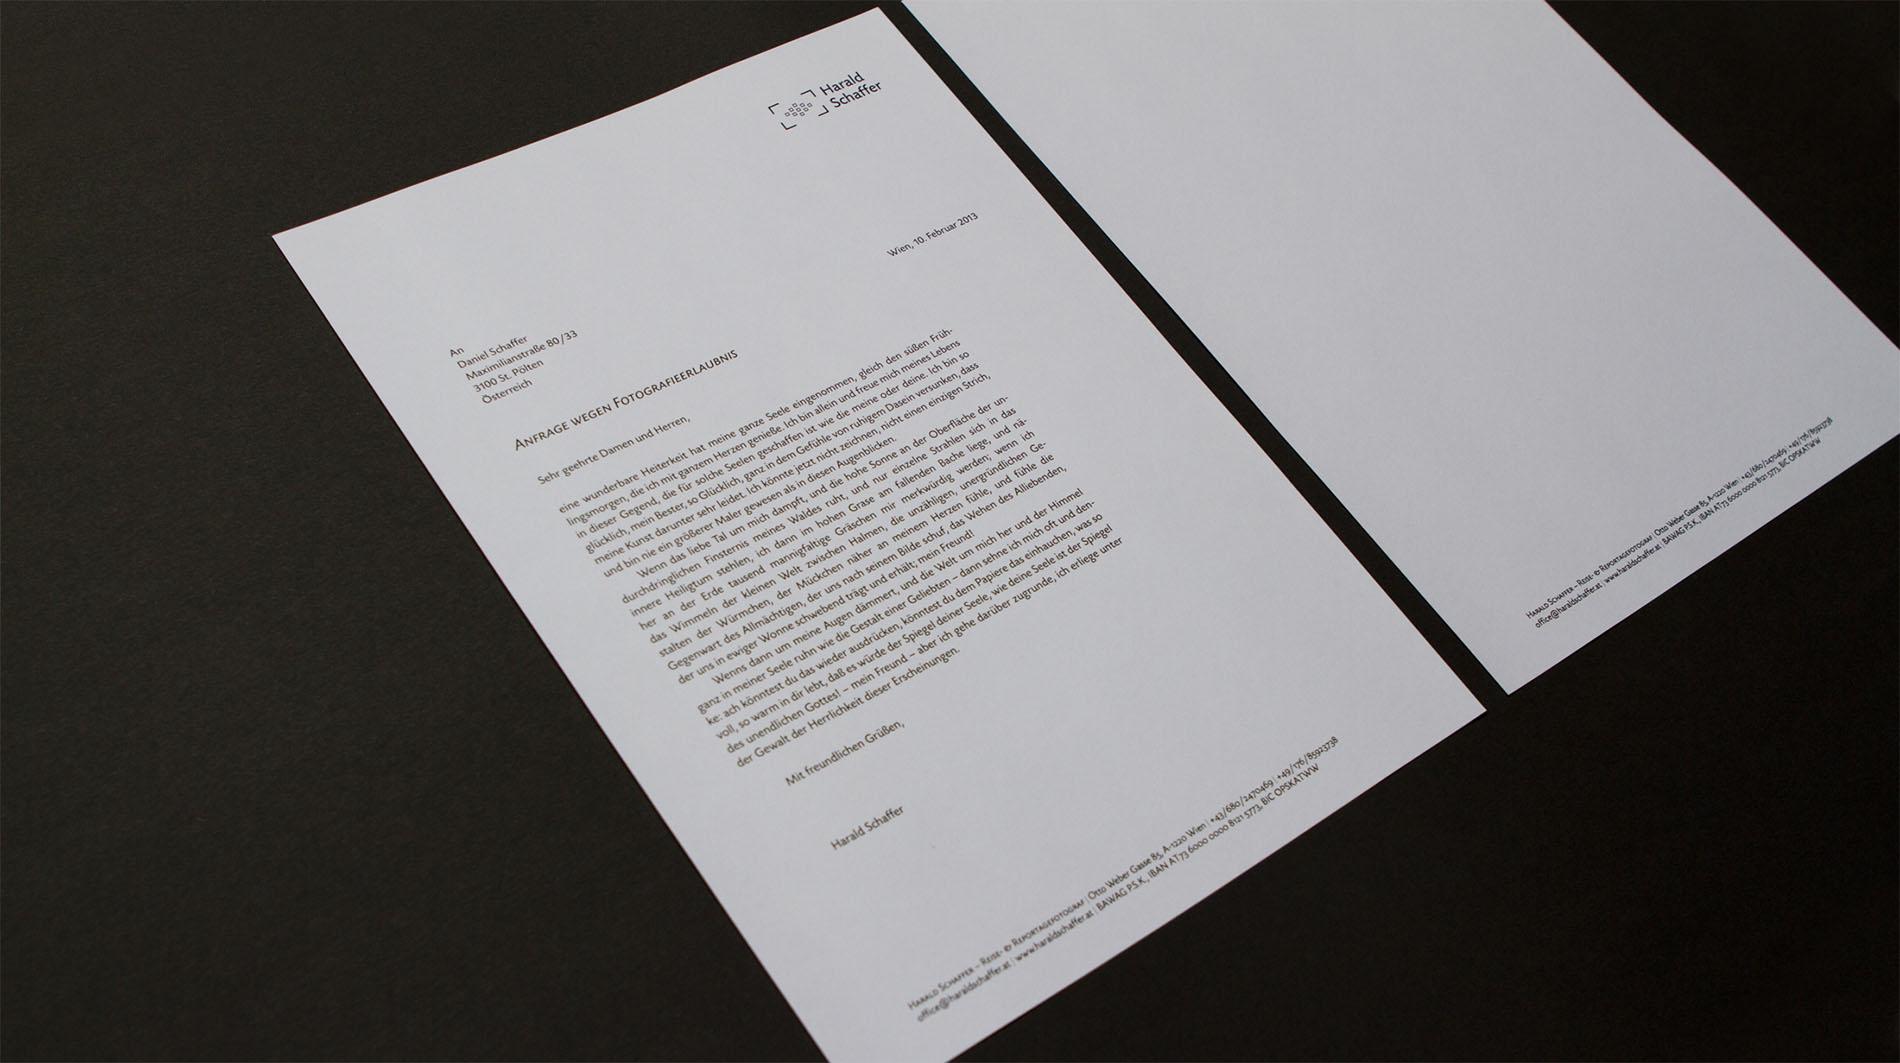 CD Harald Schaffer | Briefpapier